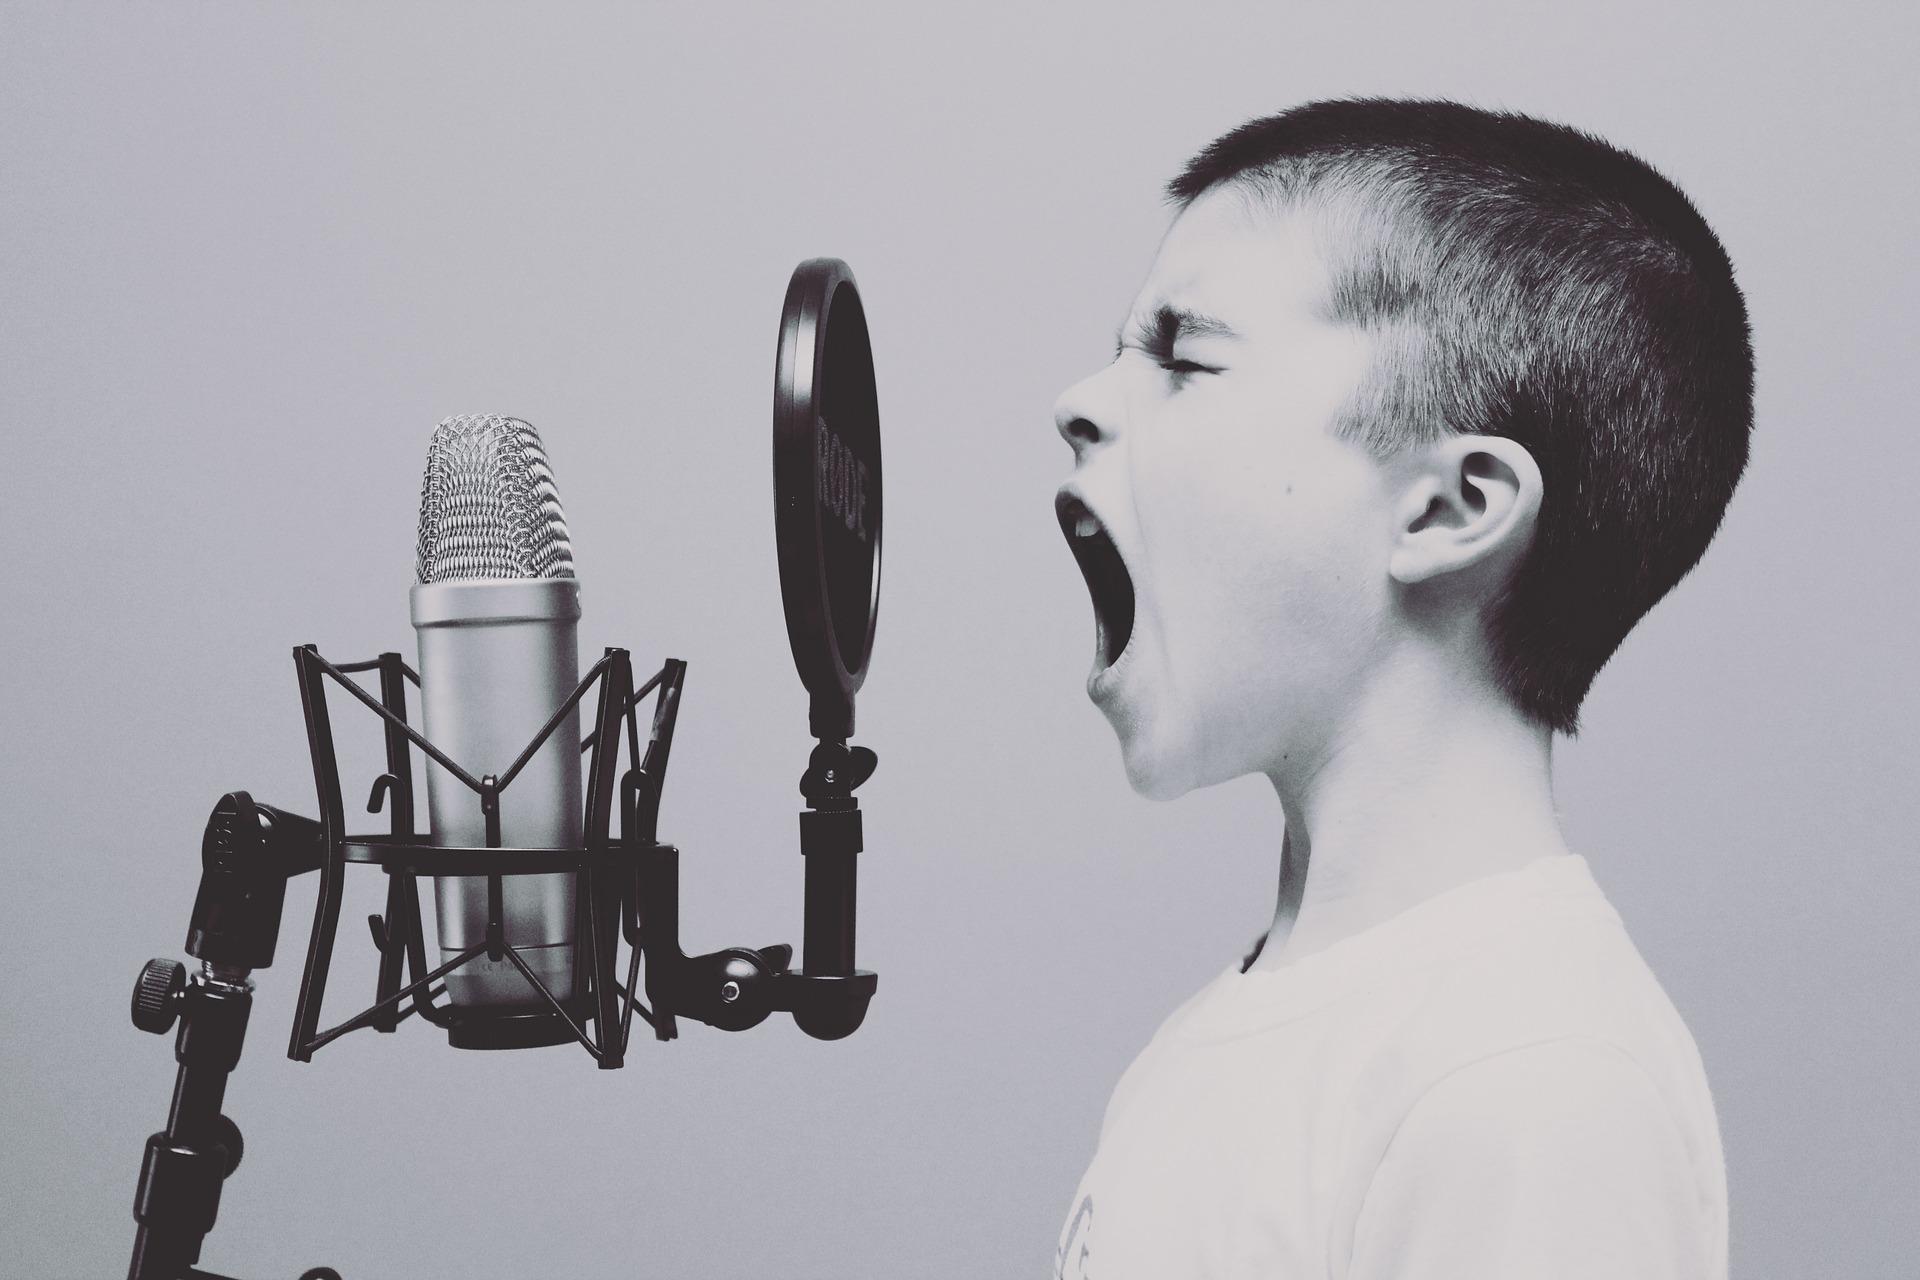 Como curarse cantando?